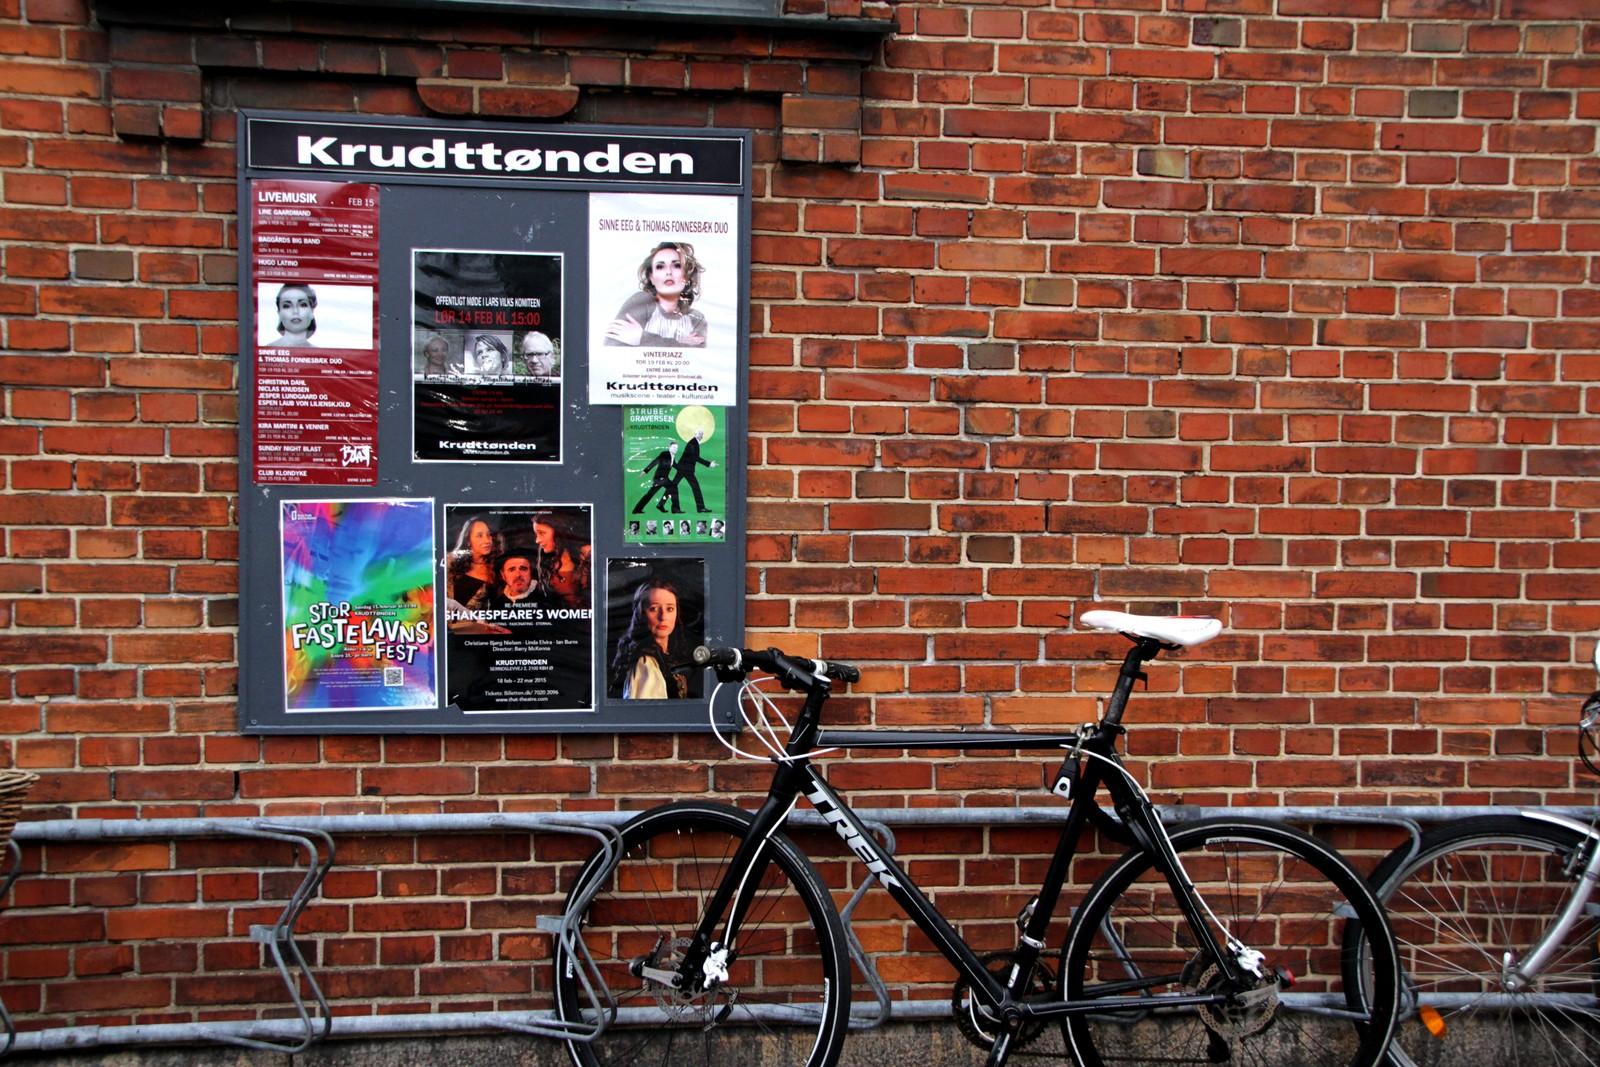 Rundt 50 personer var tilstede under debattmøtet med tittelen «Kunst, Blasfemi og Ytringsfrihed» i kulturhuset «Krudttønden» på Østerbro i København.